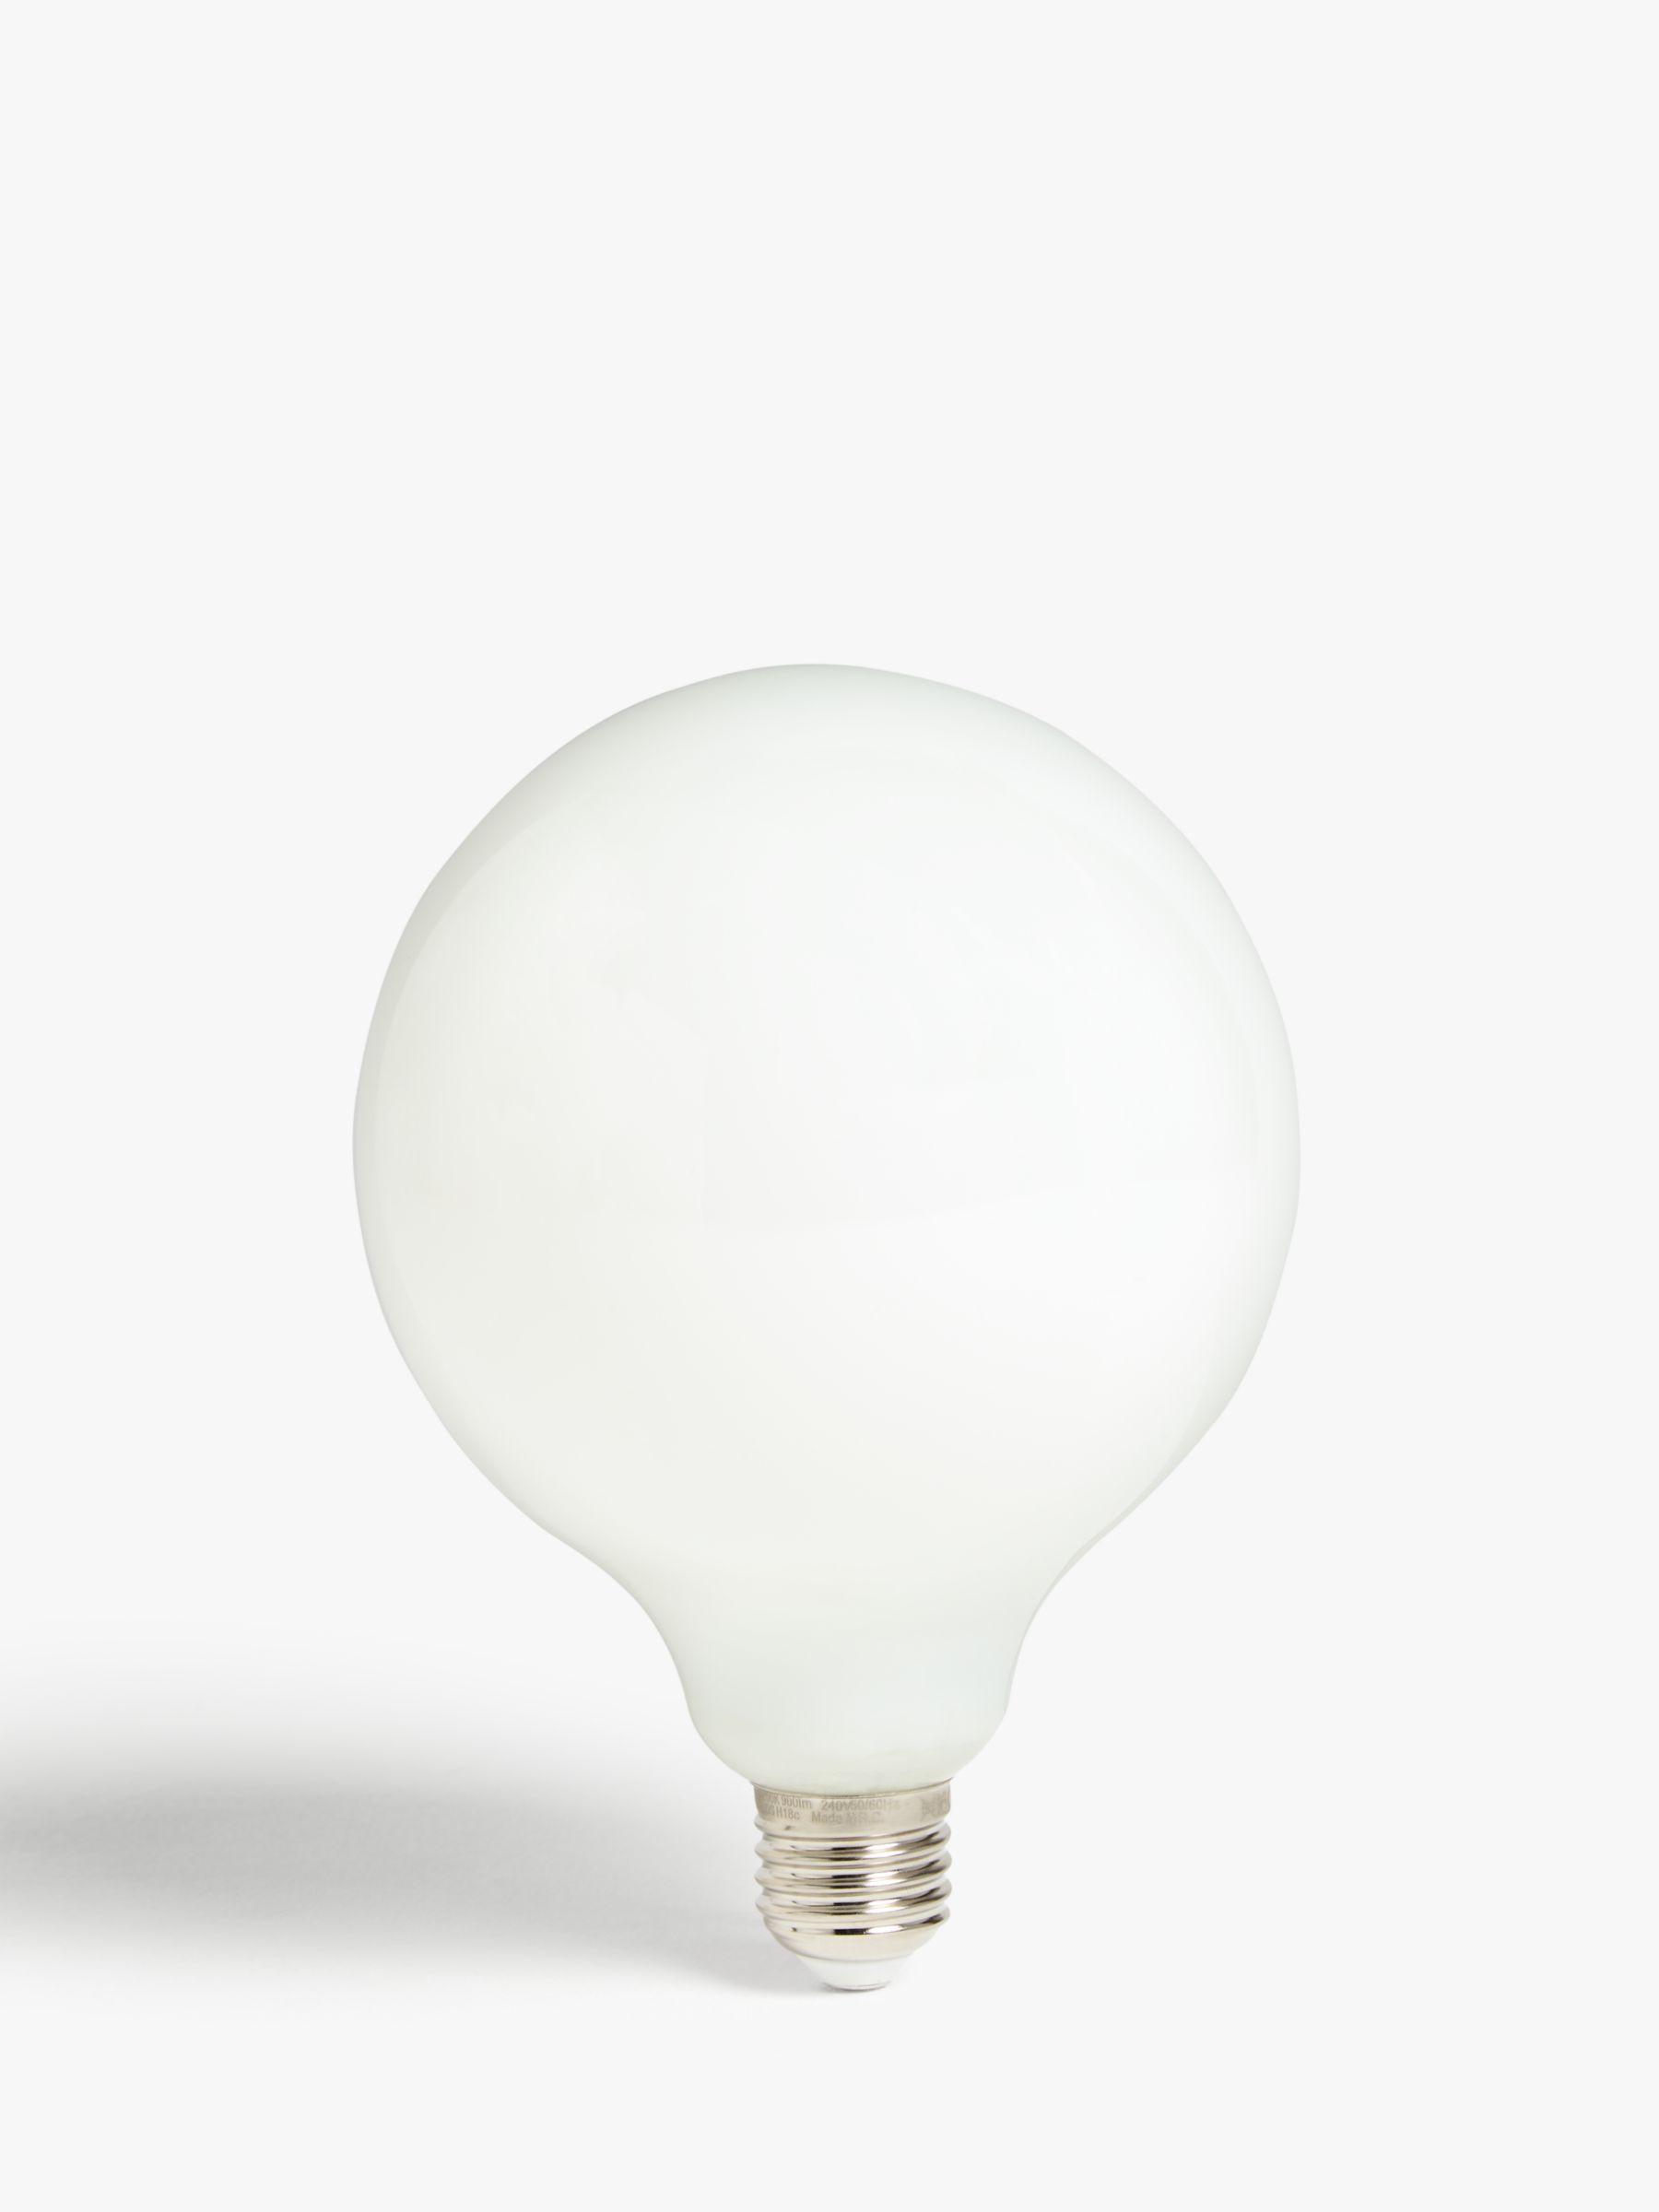 Calex Calex 8W ES LED Dimmable Filament Globe Bulb, White